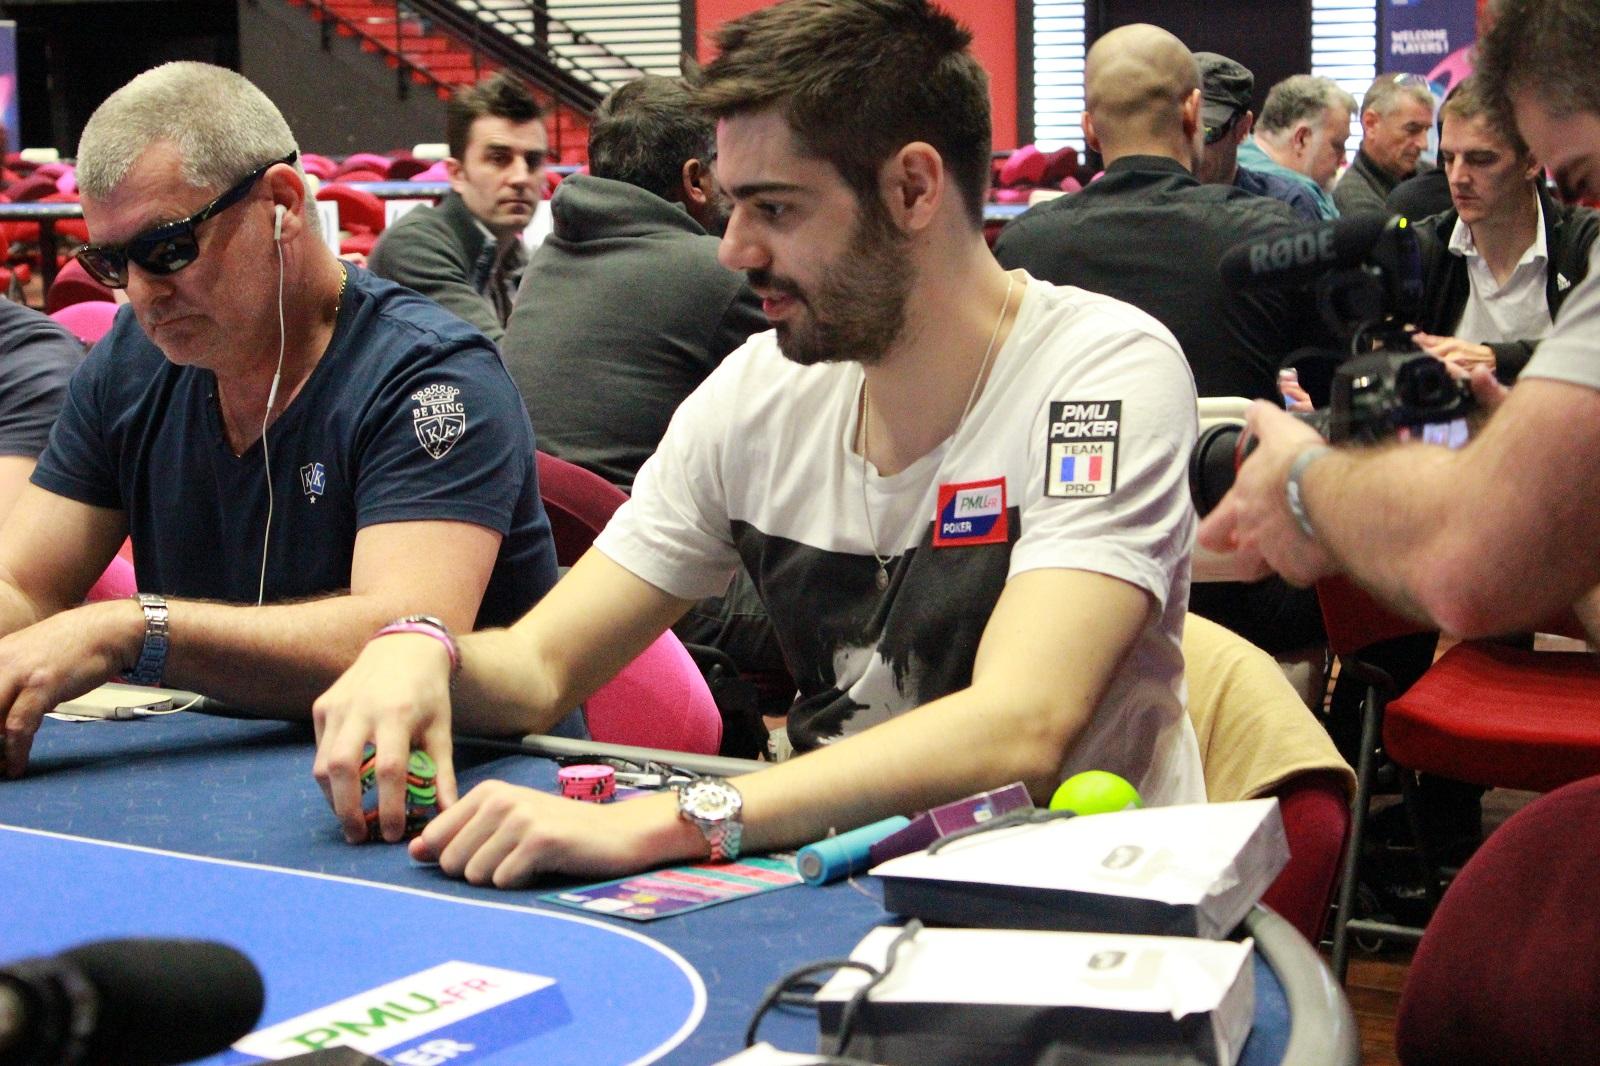 fpo lgm yoh viral l 39 curie blog poker de pmu poker